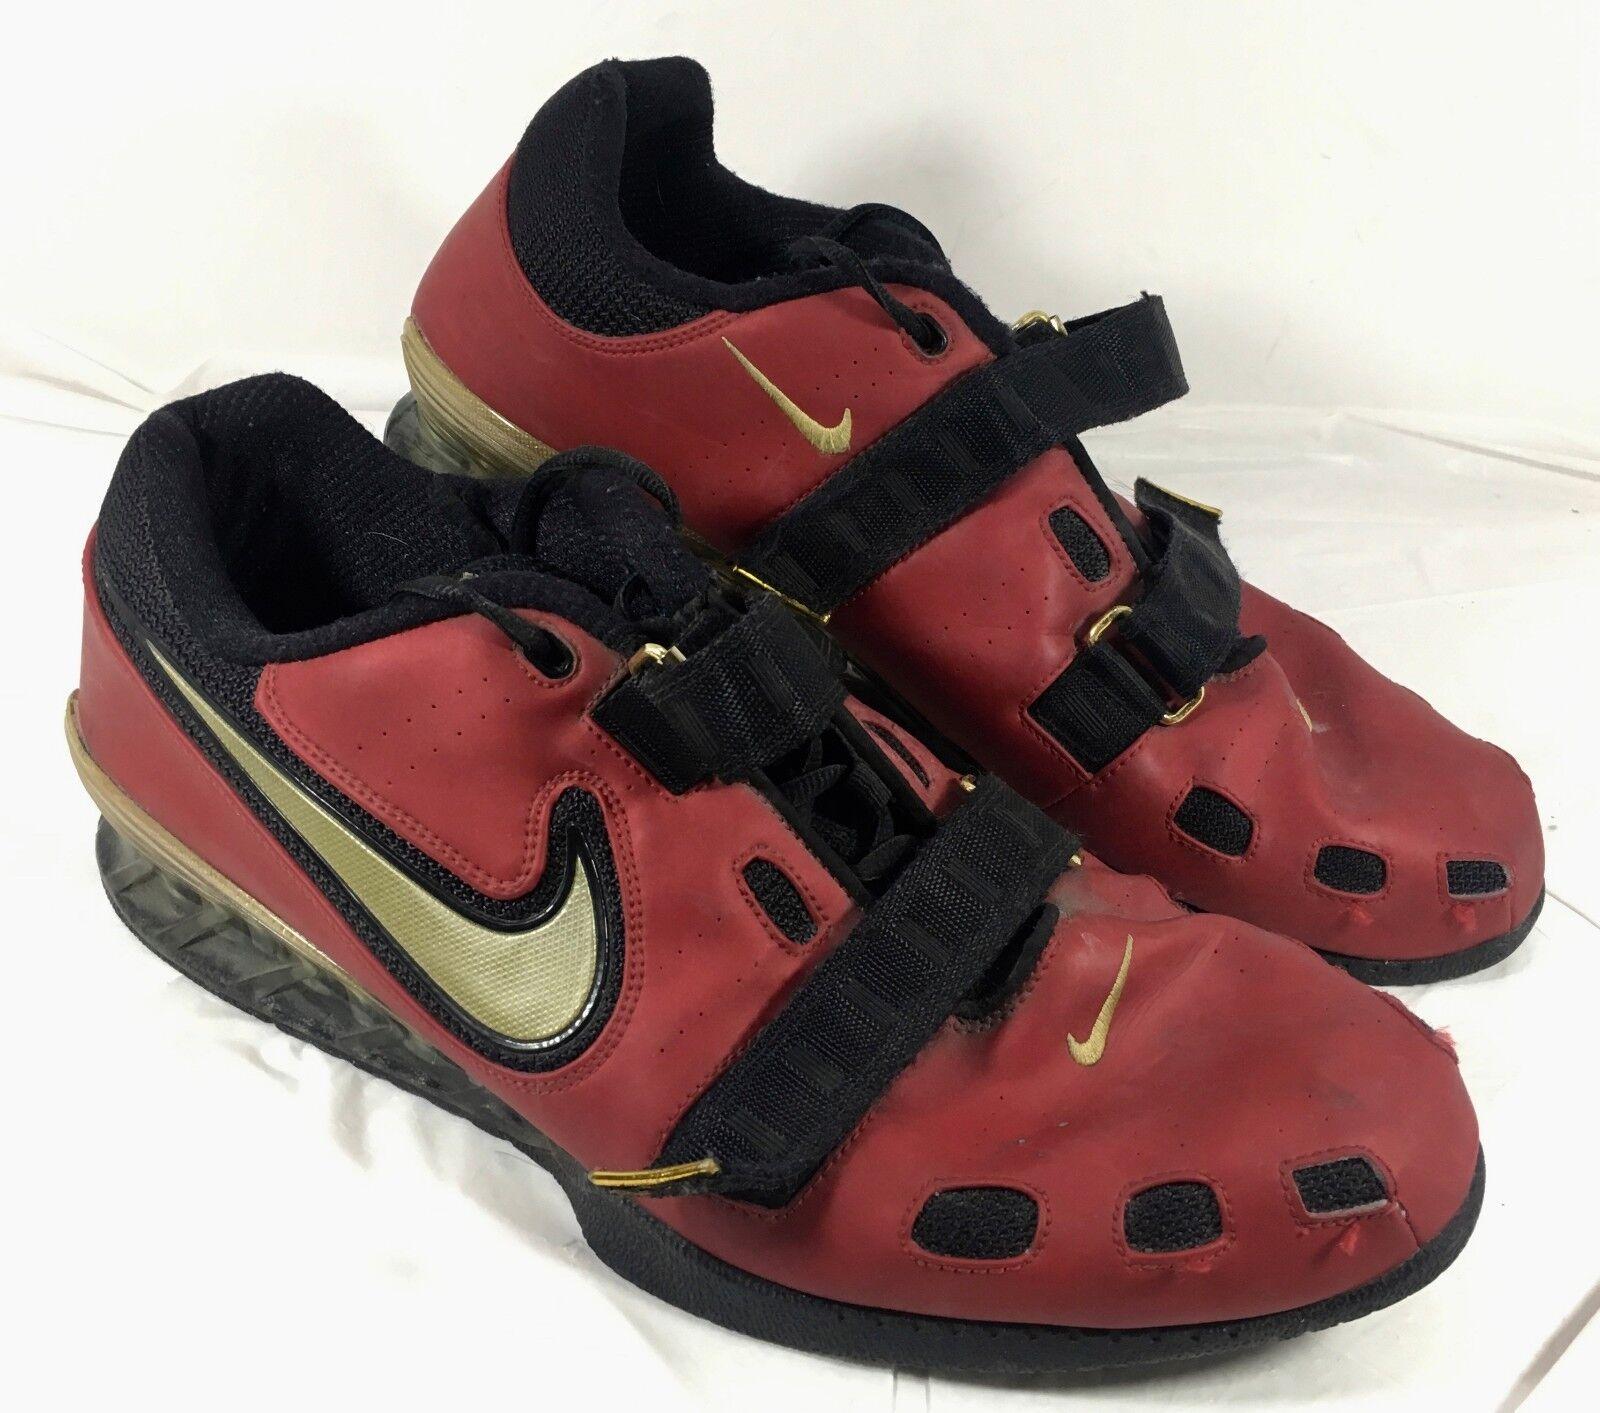 Le scarpe di pelle rossa per il sollevamento pesi romaleos 2 sz 15